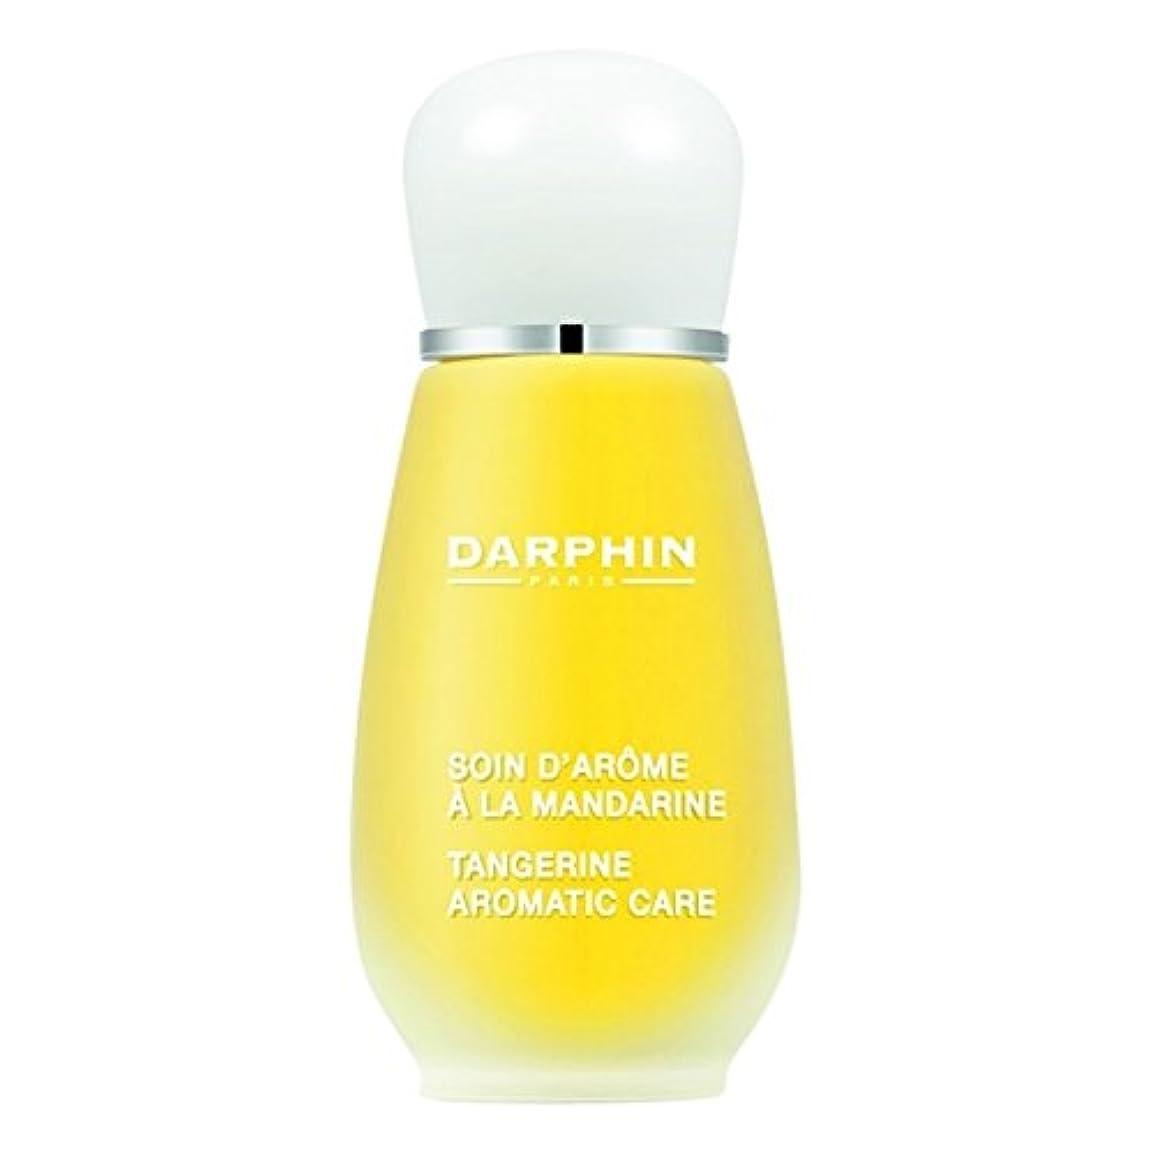 オーディション座る期待ダルファンタンジェリン芳香ケア15ミリリットル (Darphin) (x6) - Darphin Tangerine Aromatic Care 15ml (Pack of 6) [並行輸入品]